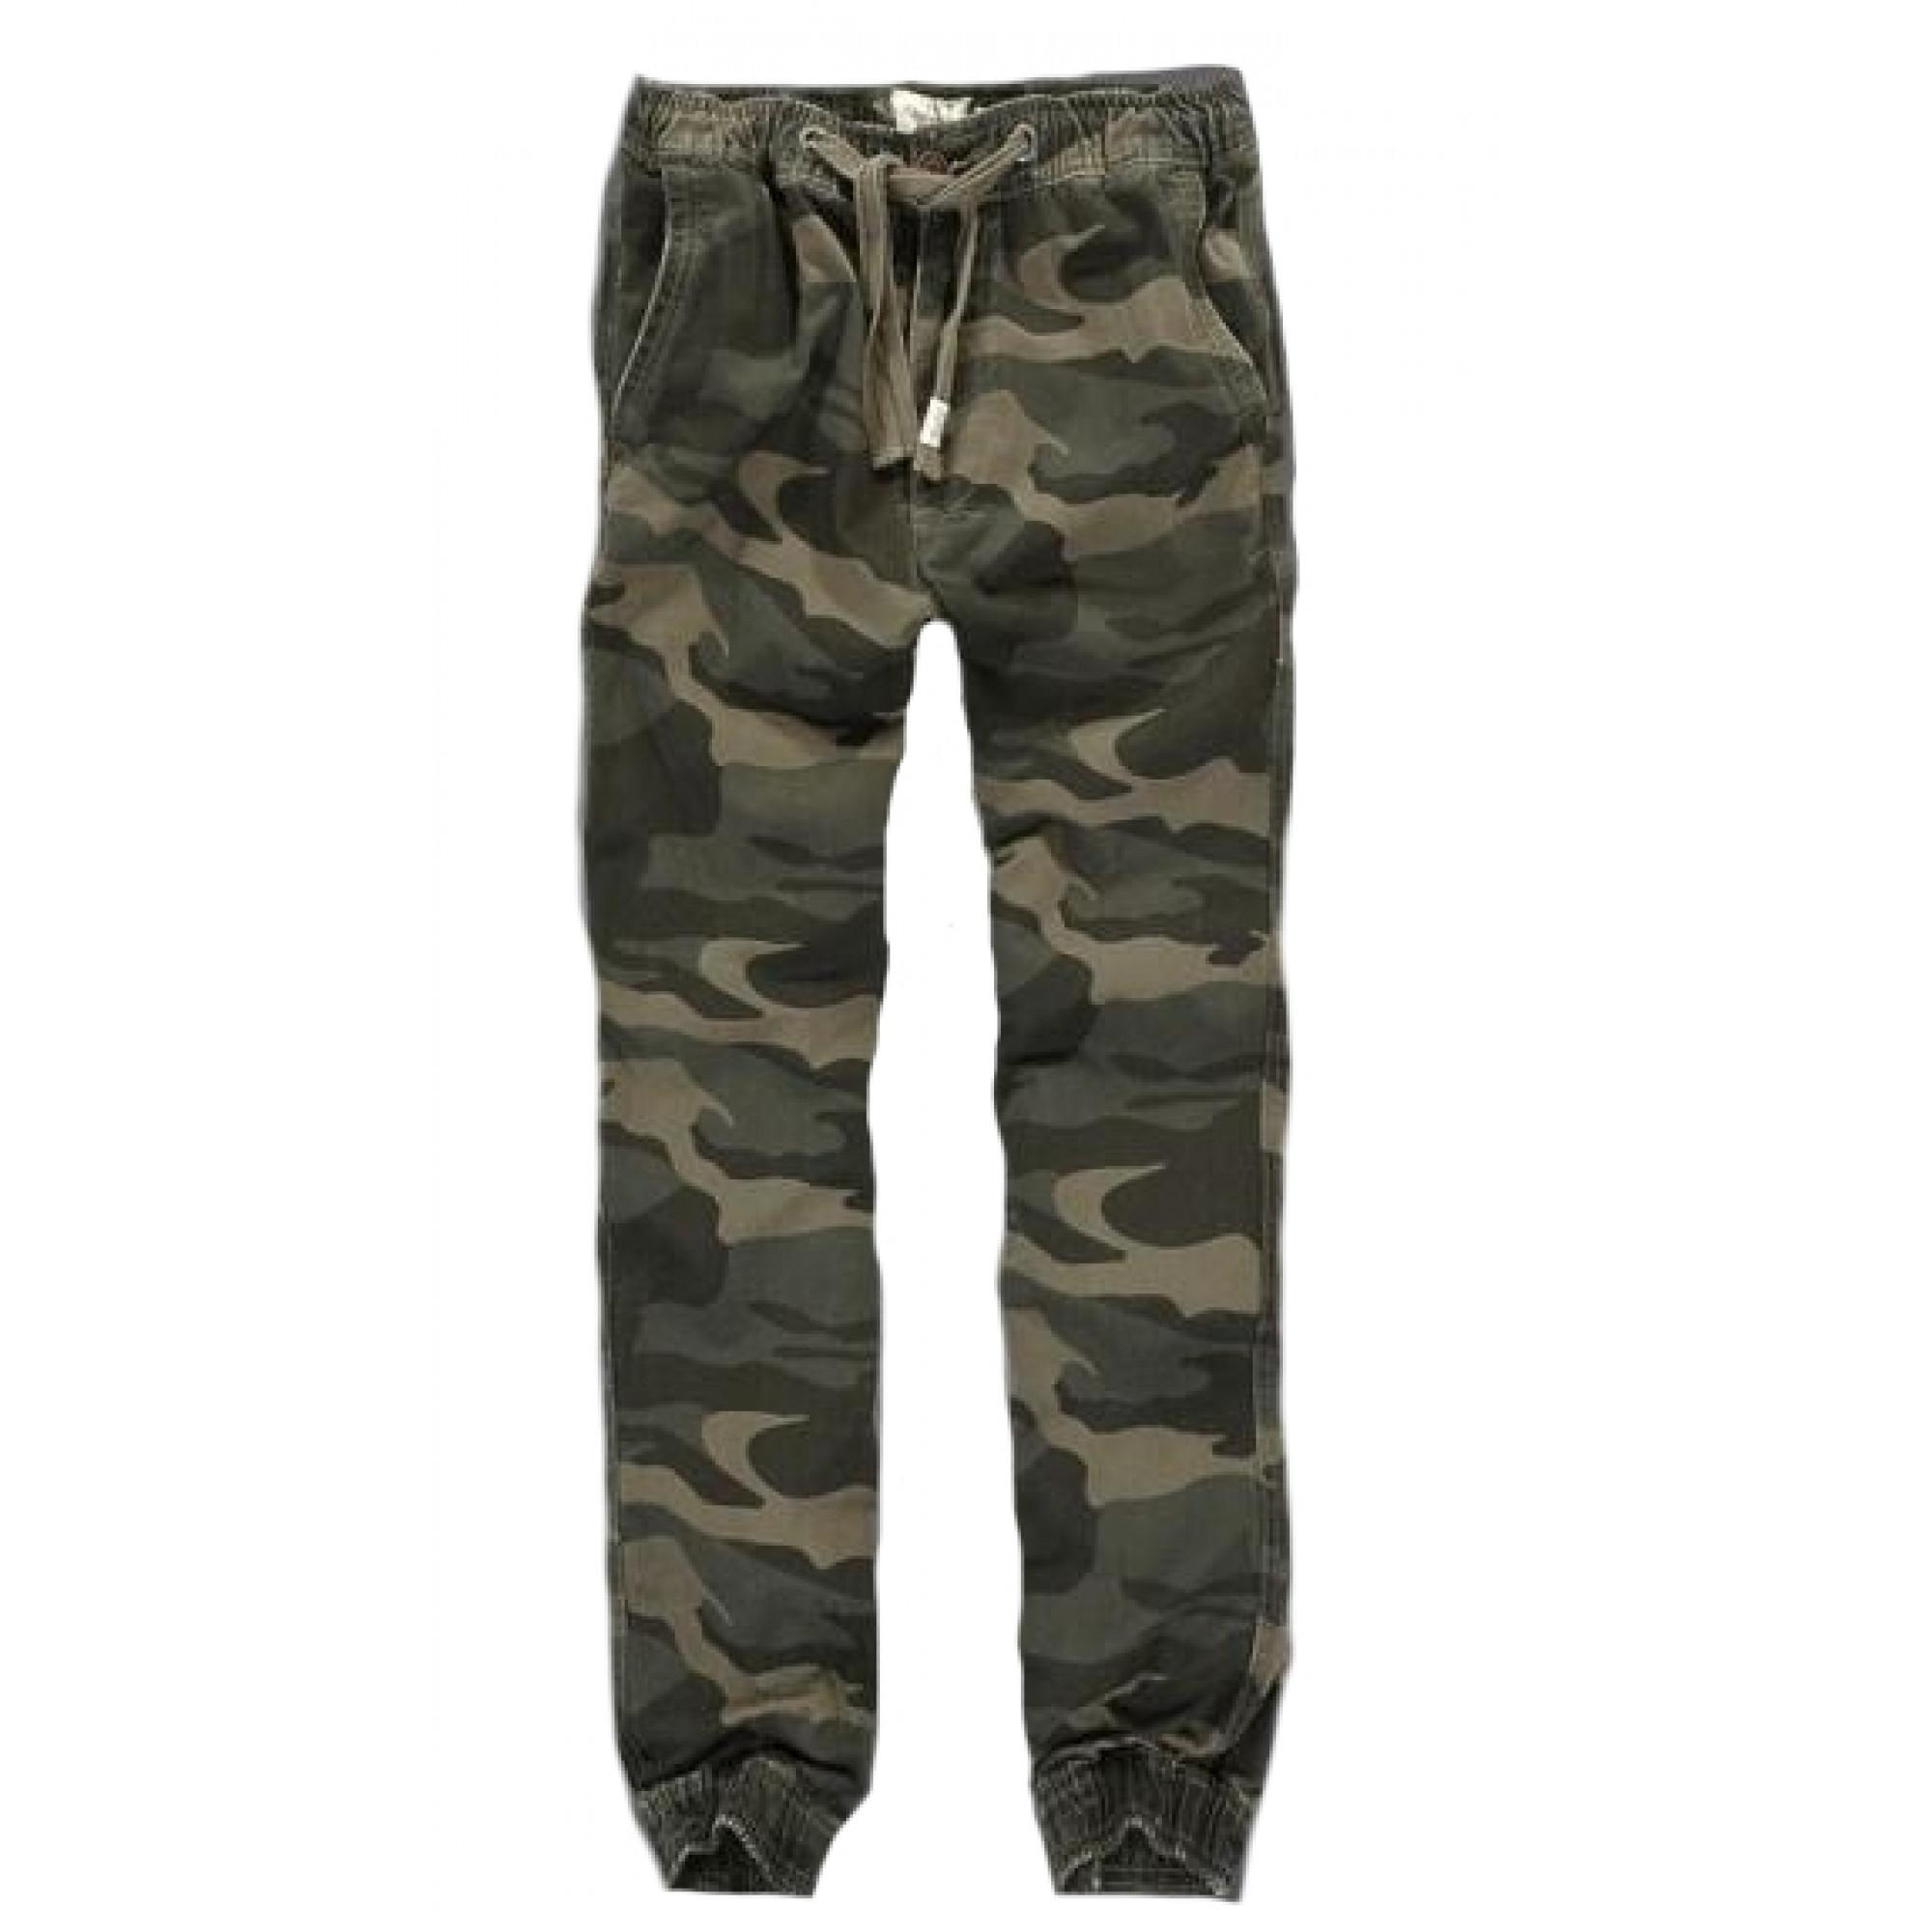 Купить мужские брюки в Киеве — цены и фото коллекций 2019 года 3f75815acfb